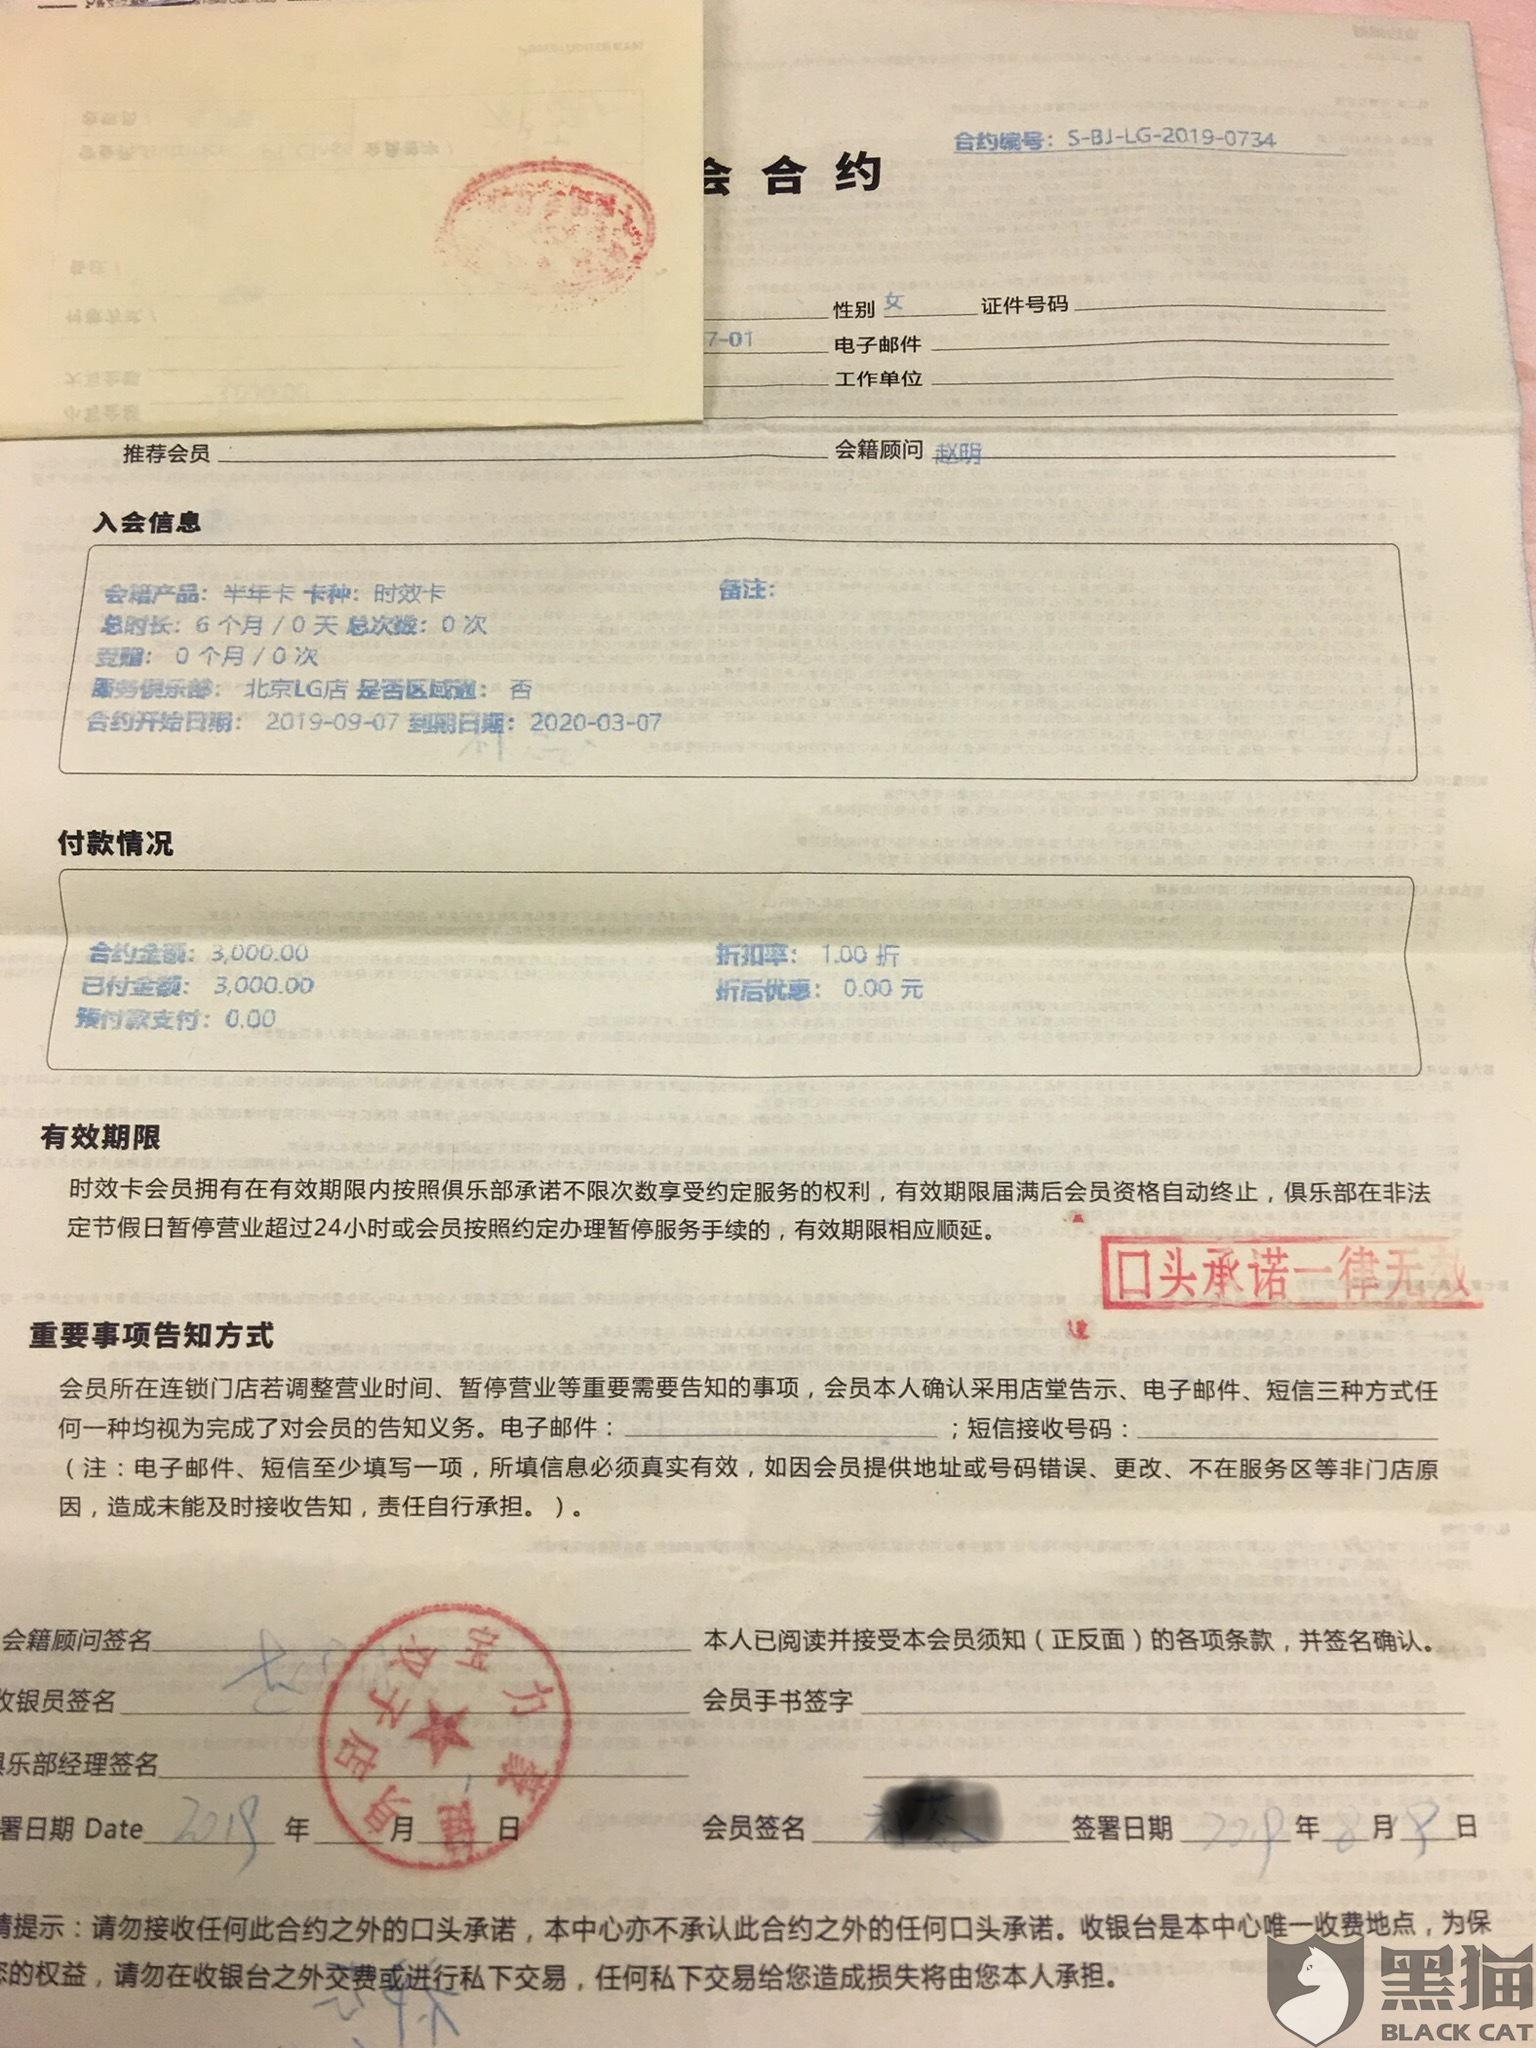 黑猫投诉:宝力豪北京朝阳区双子座3层 不退款 在未使用的前提下